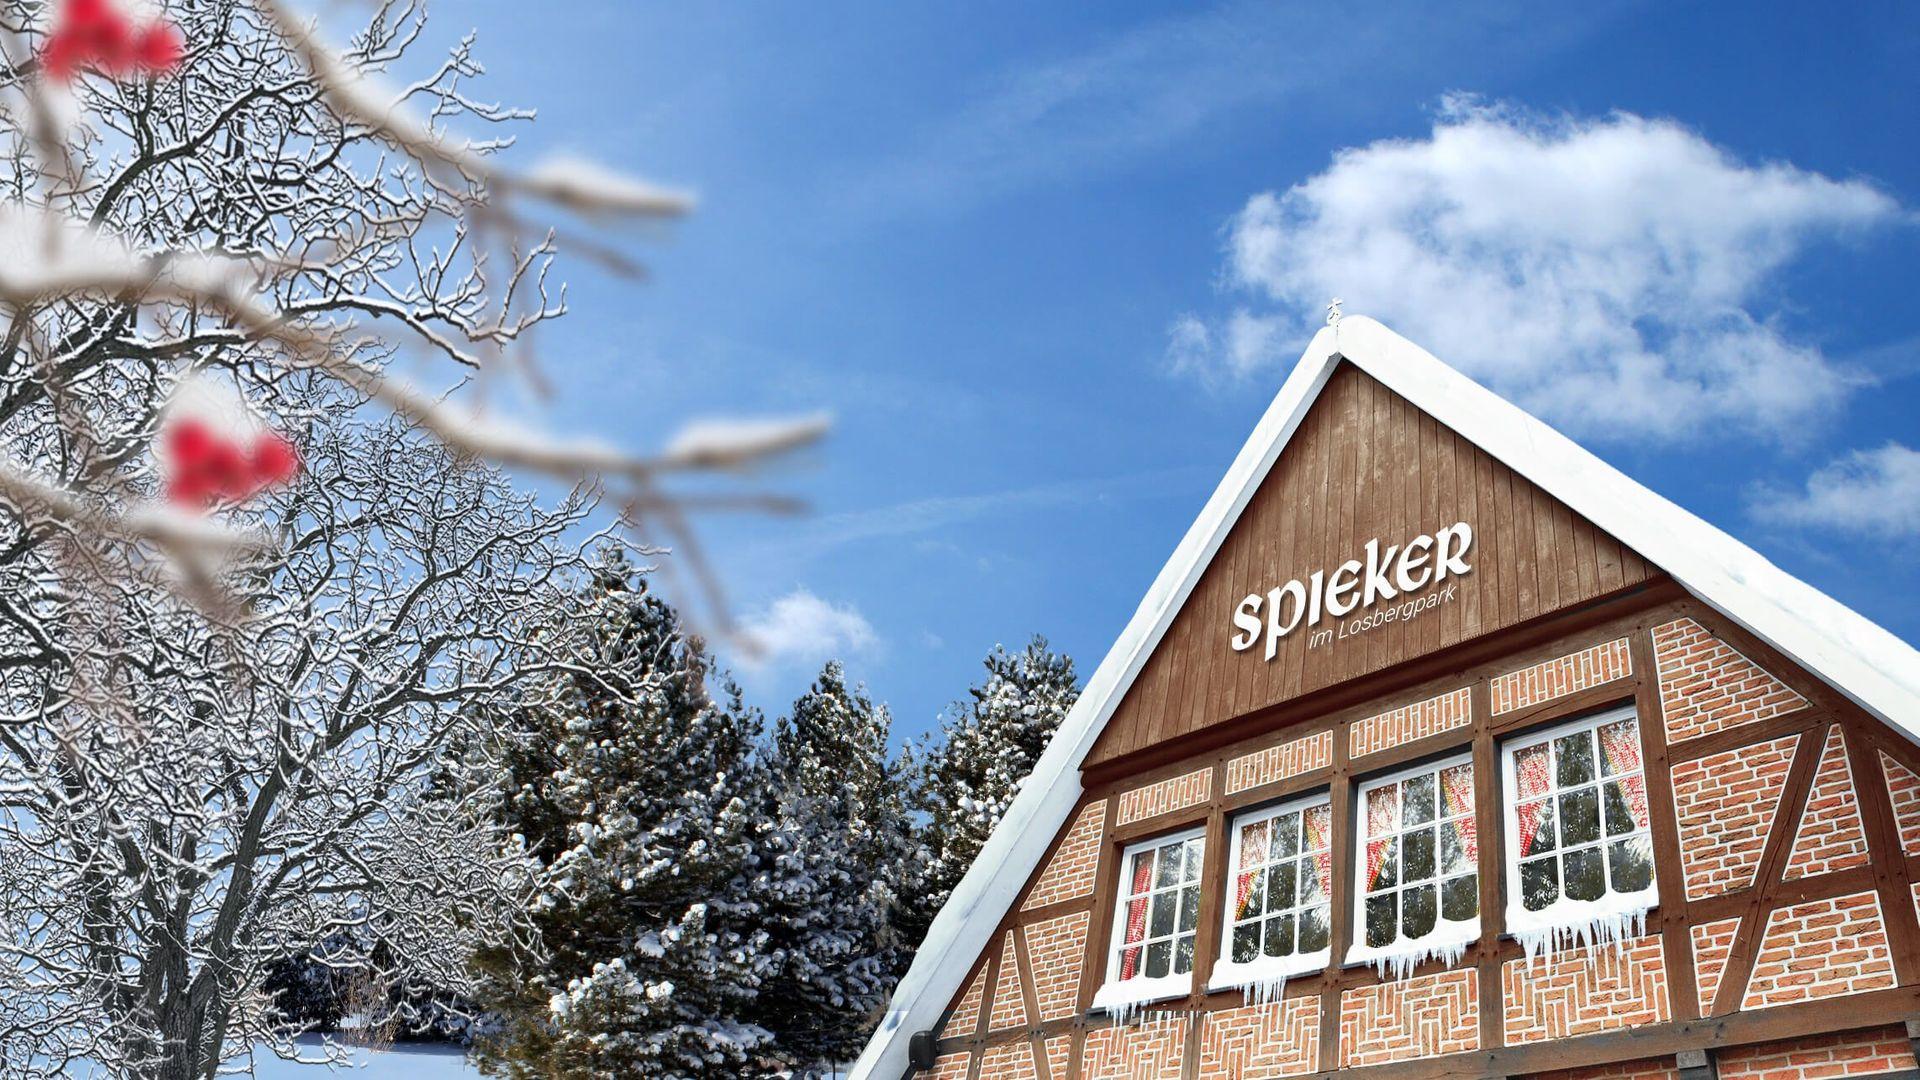 Willkommen im Winter | Spieker Stadtlohn